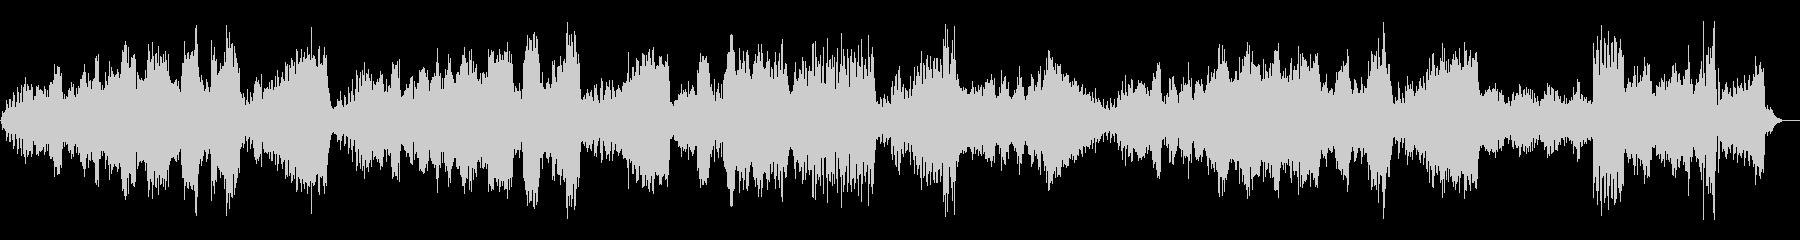 テンペスト 第三楽章 ベートーヴェンの未再生の波形